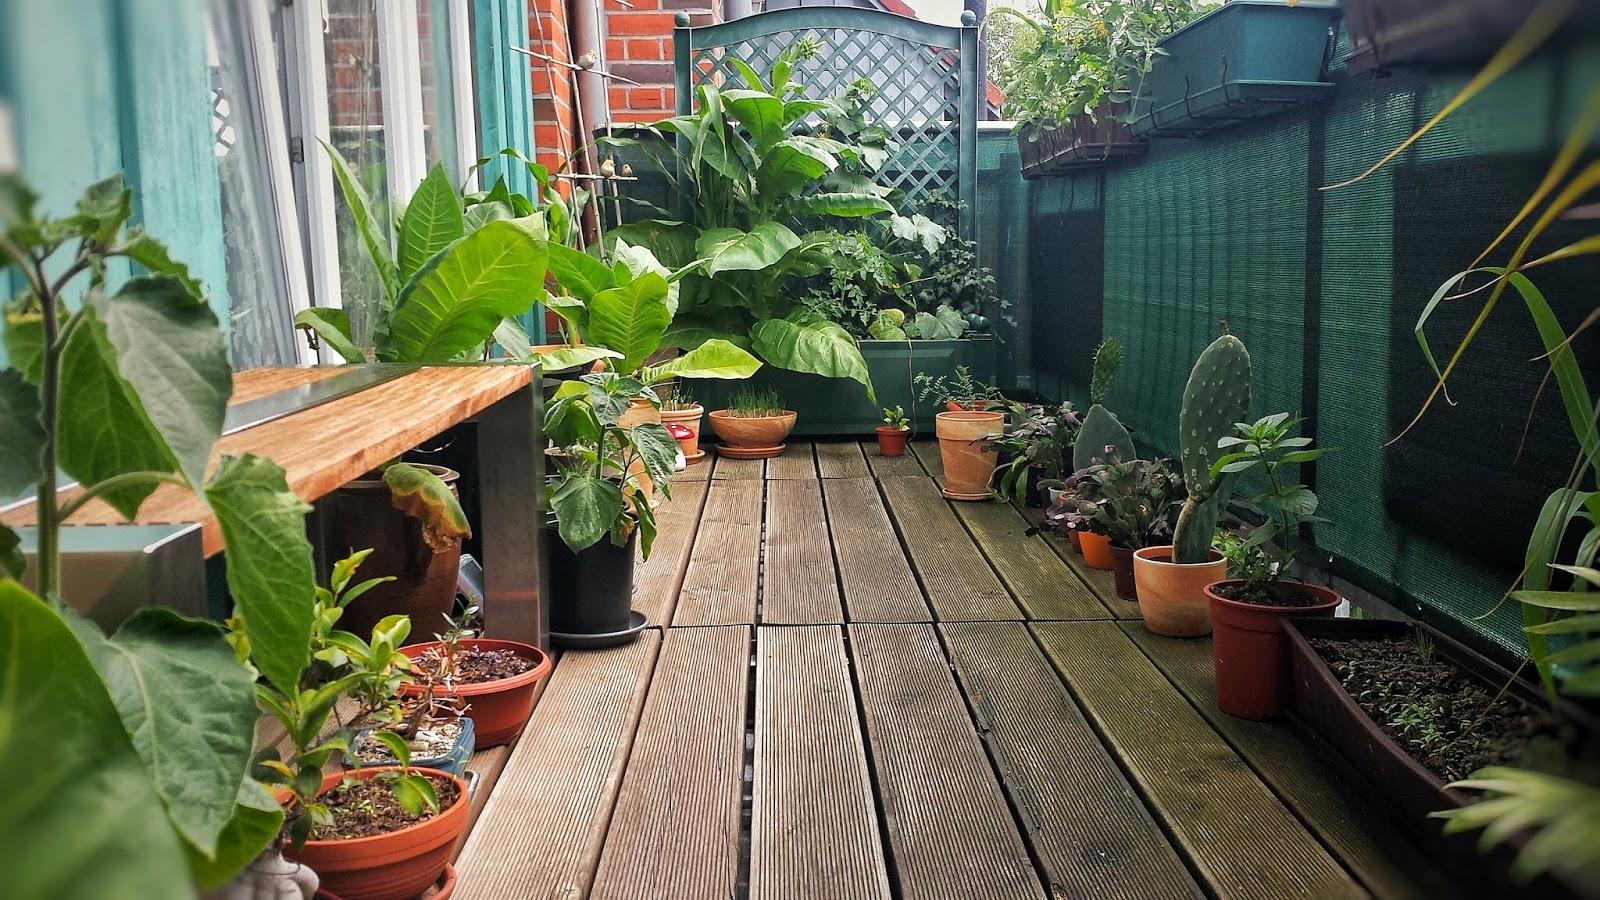 gemüse anbauen balkon | kräuter und gemüse zum anbauen und ernten